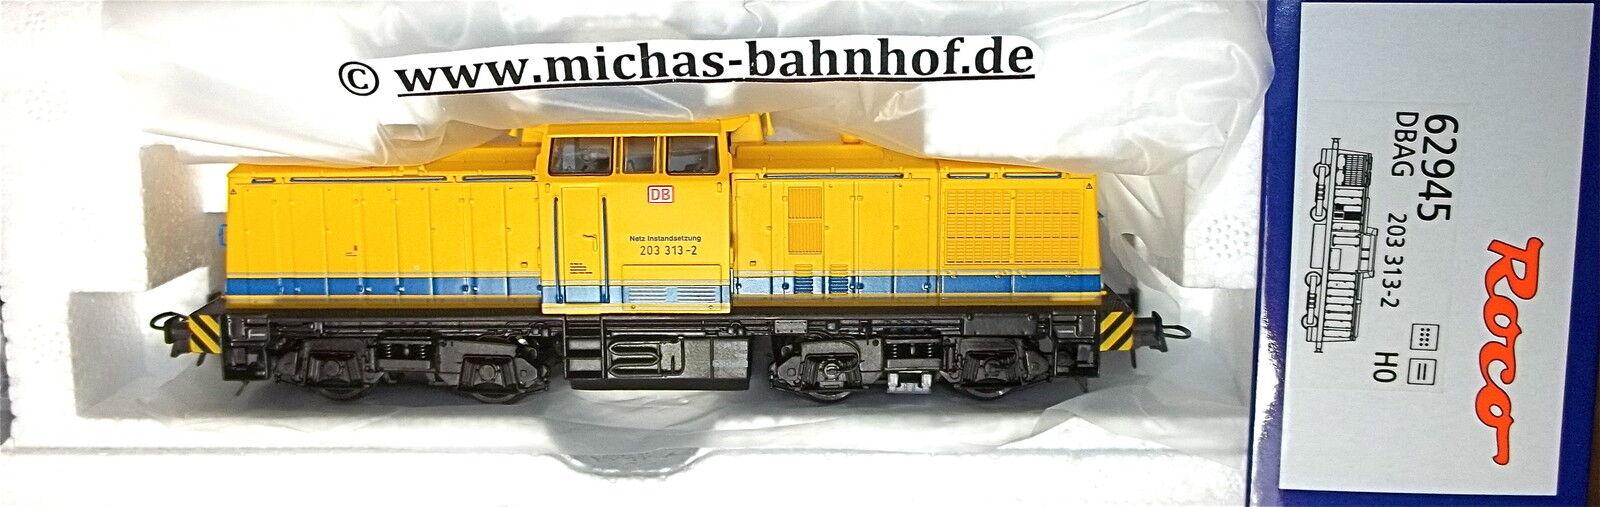 203 Diesel ex BR 114 DR Deutsche Bahnbau DBAG Roco 62945 H0 1 87 NEU DSS HN1µ